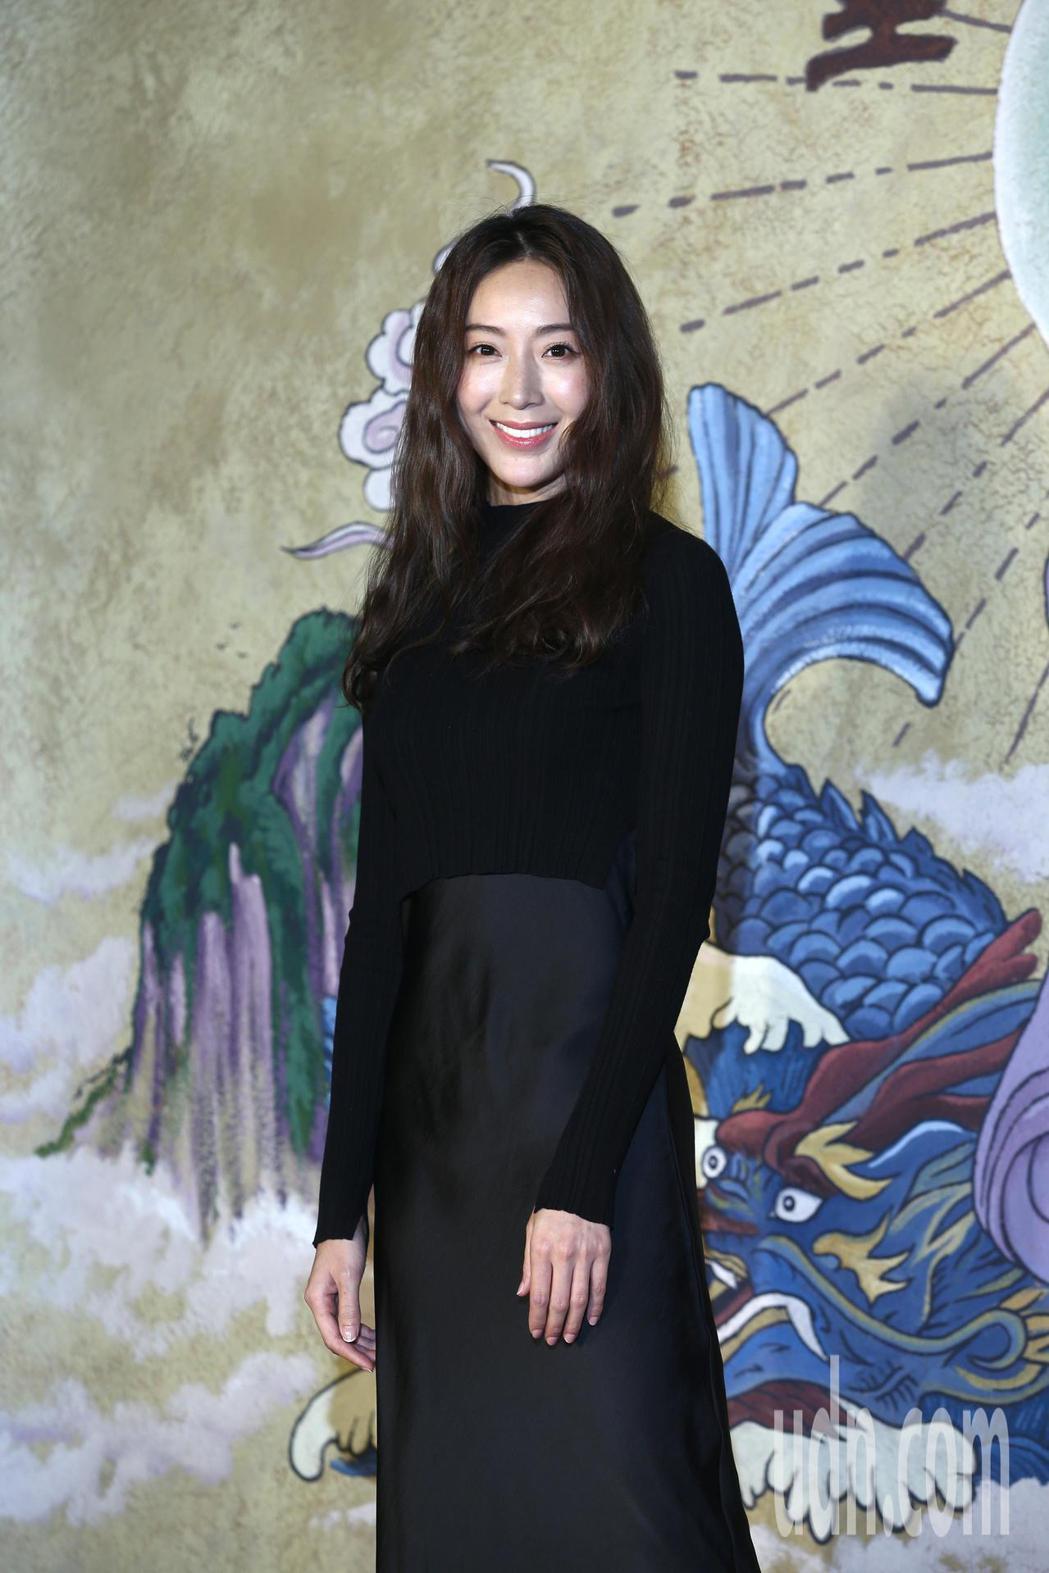 隋棠下午出席《乩身》開拍記者會,表示她很喜歡「再見瓦城」這部電影,柯震東是一個會...